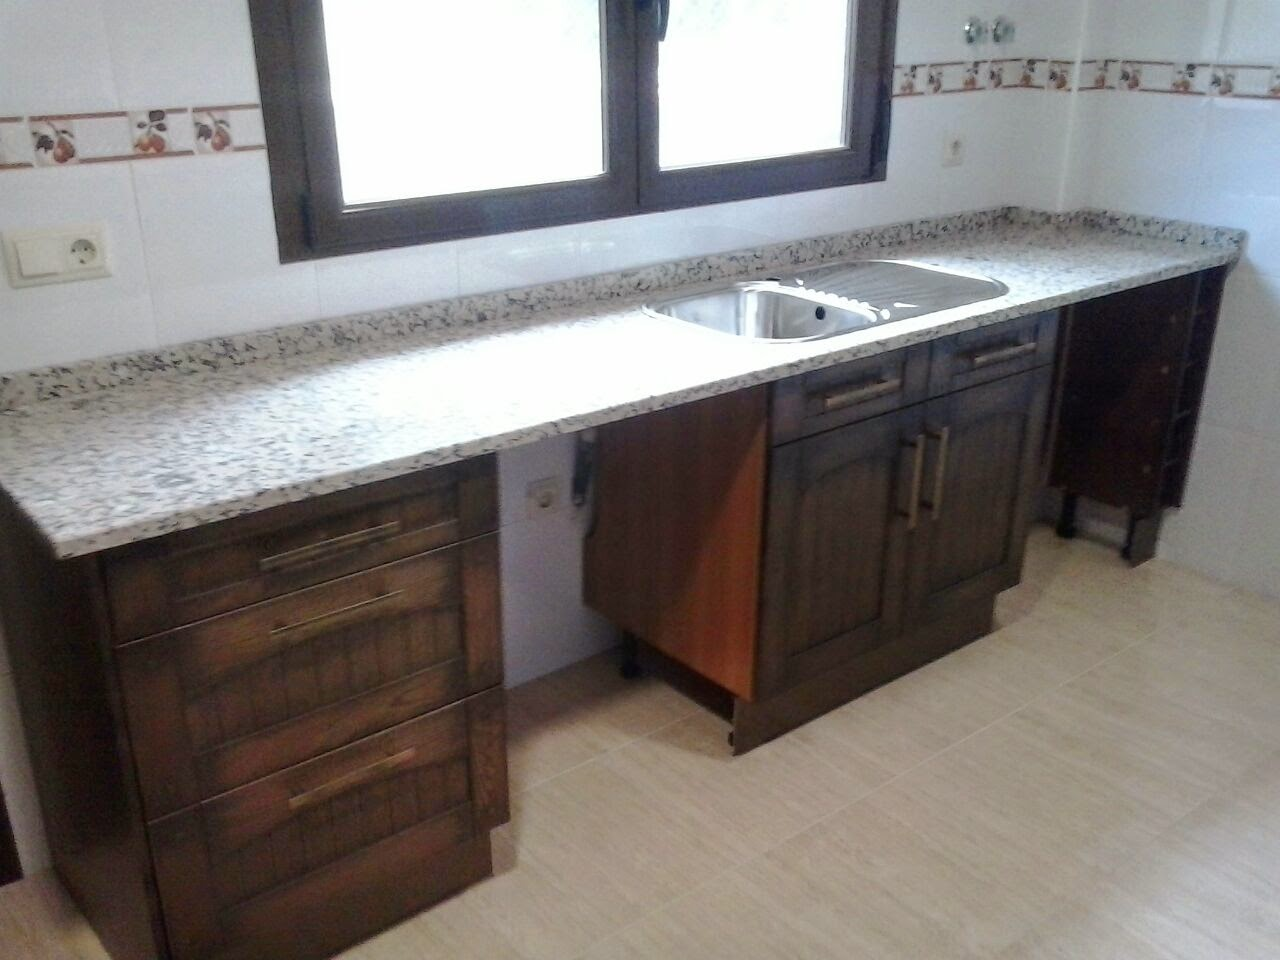 Cocina en madera maciza encimera granito rosavel 3 cms - Encimera madera maciza ...